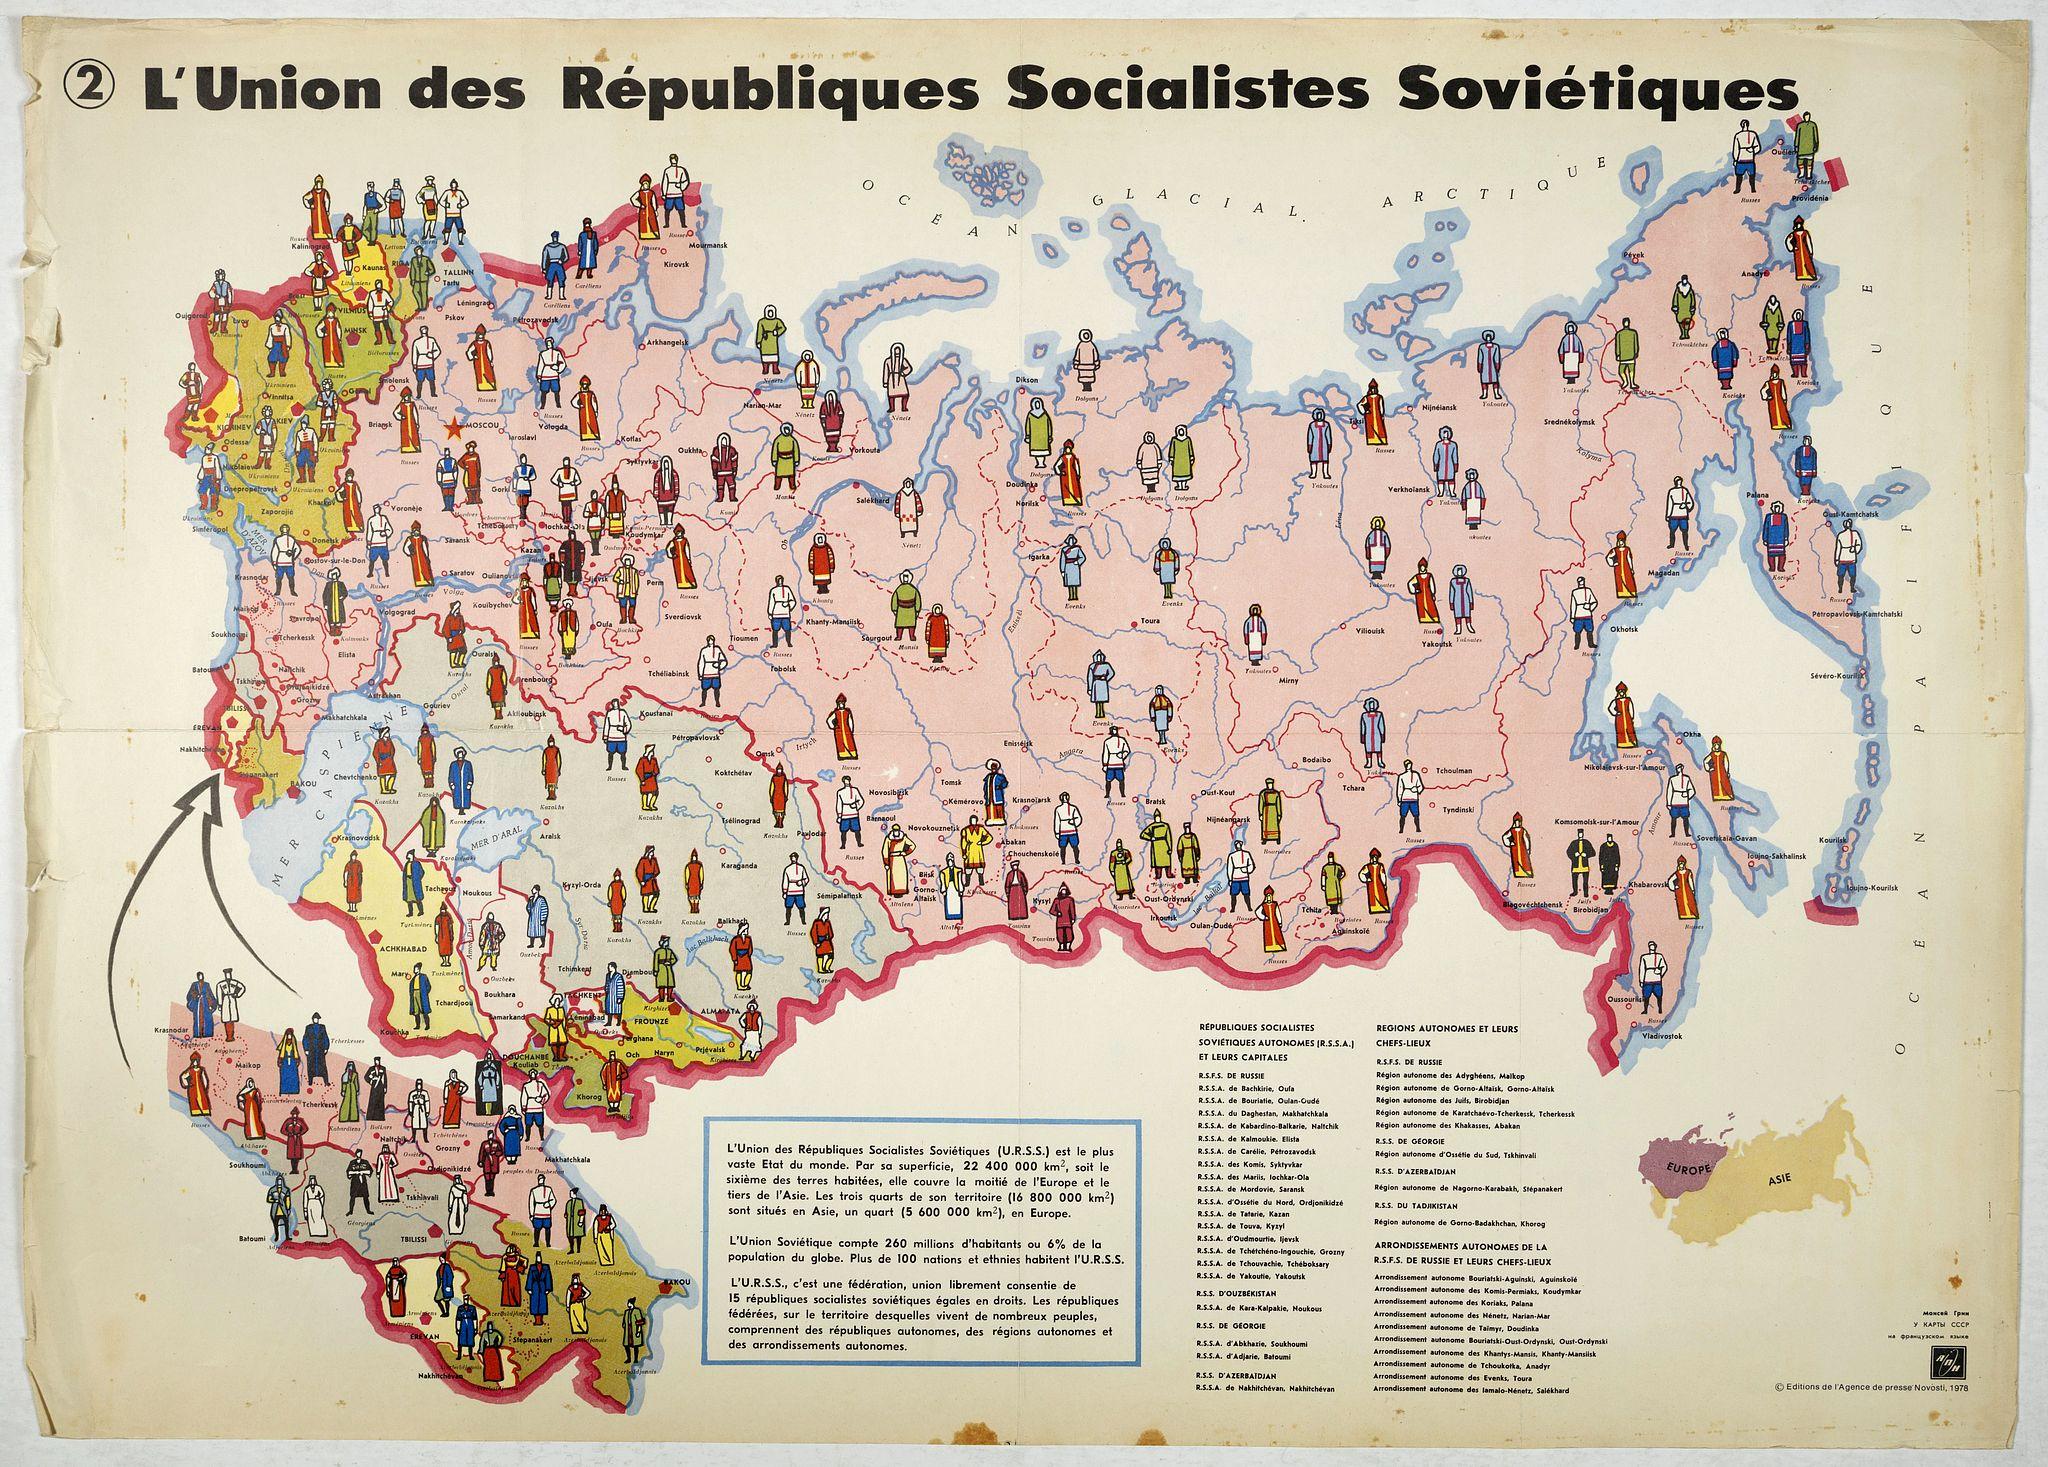 AGENCE DE PRESSE NOVOSTI -  L'Union des Républiques socialistes Soviétiques. (2)